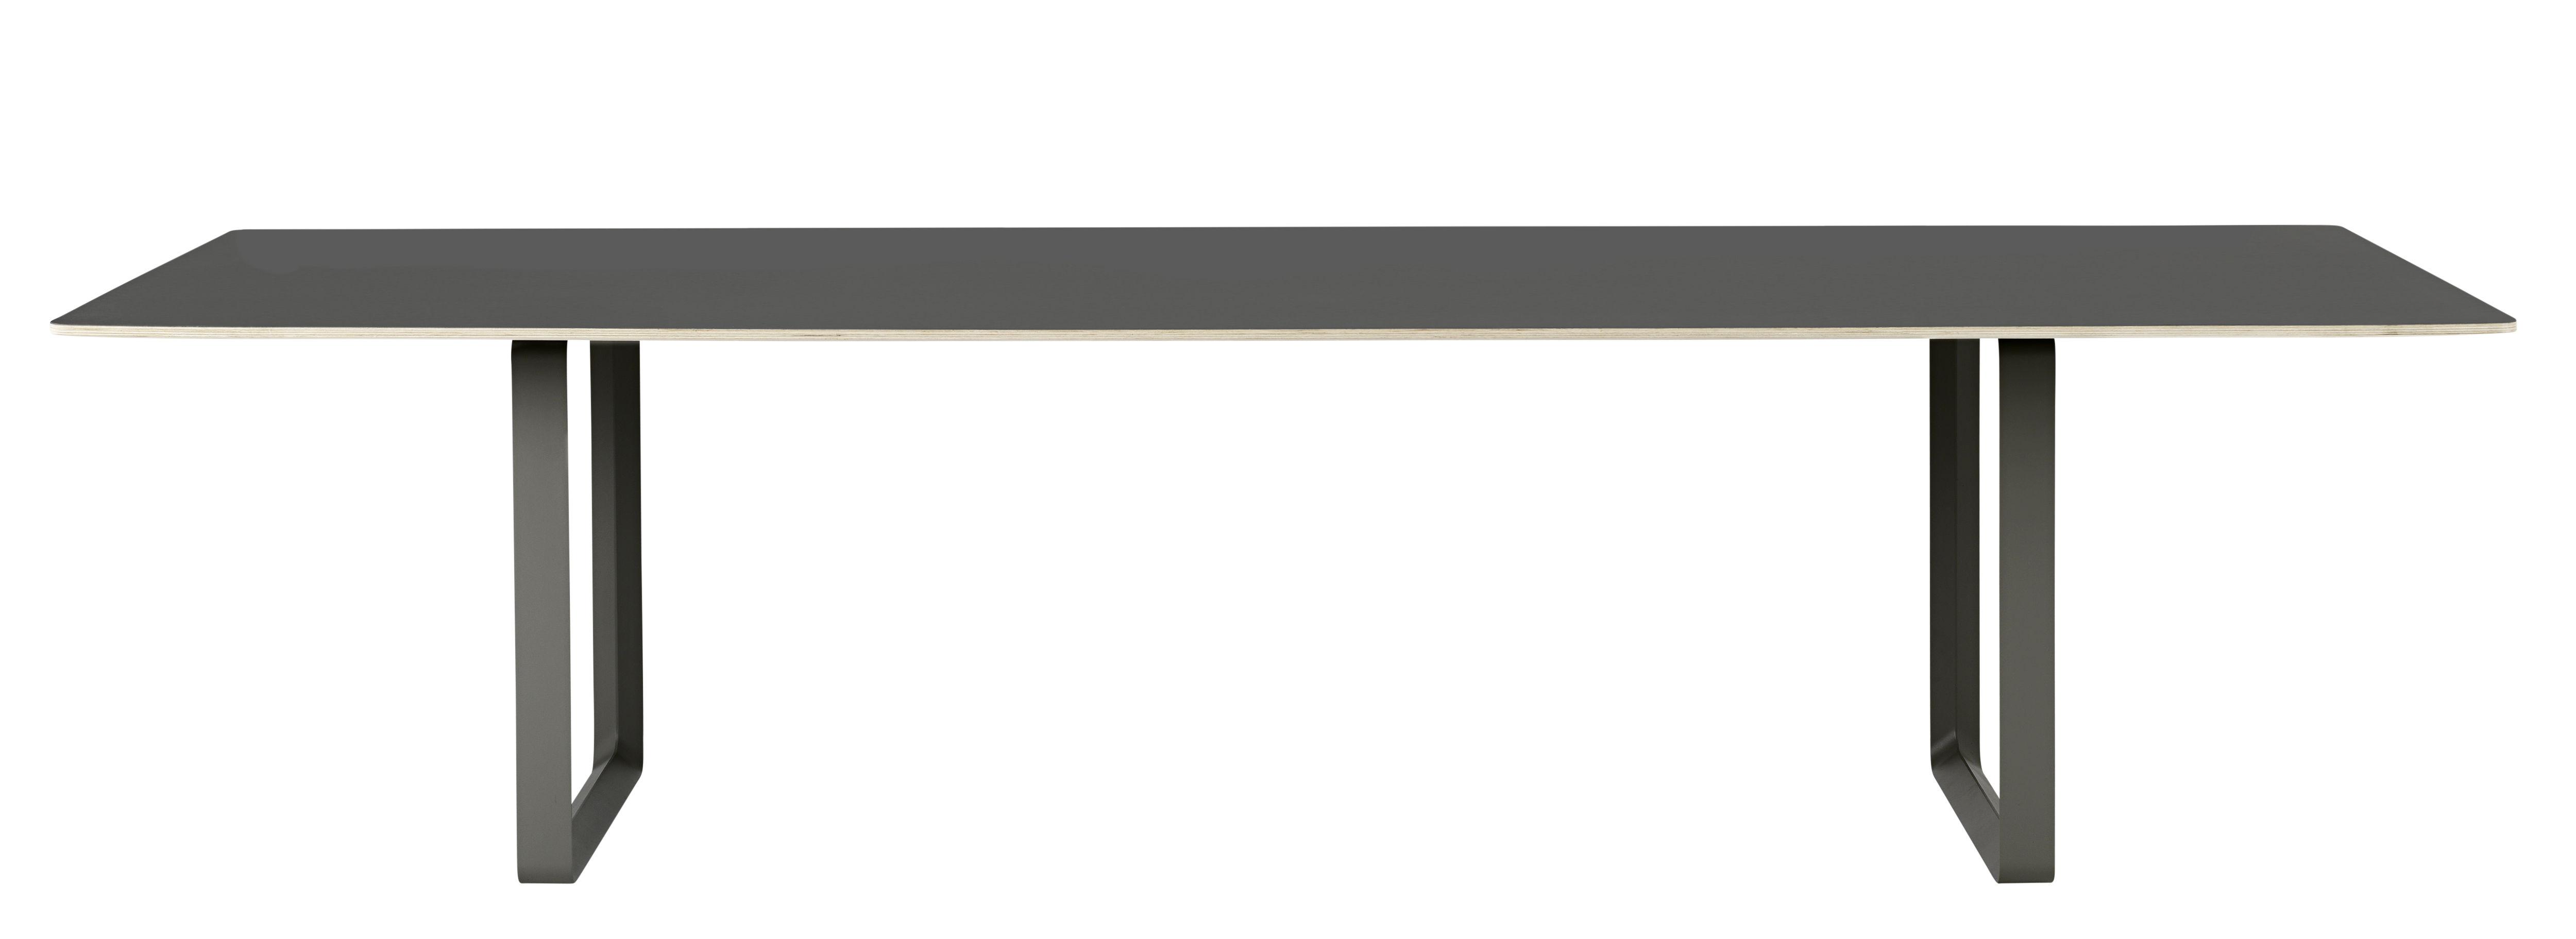 Mobilier - Tables - Table rectangulaire 70-70 XXL / 295 x 108 cm - Muuto - Noir / Pieds noirs - Aluminium, Contreplaqué, Linoléum